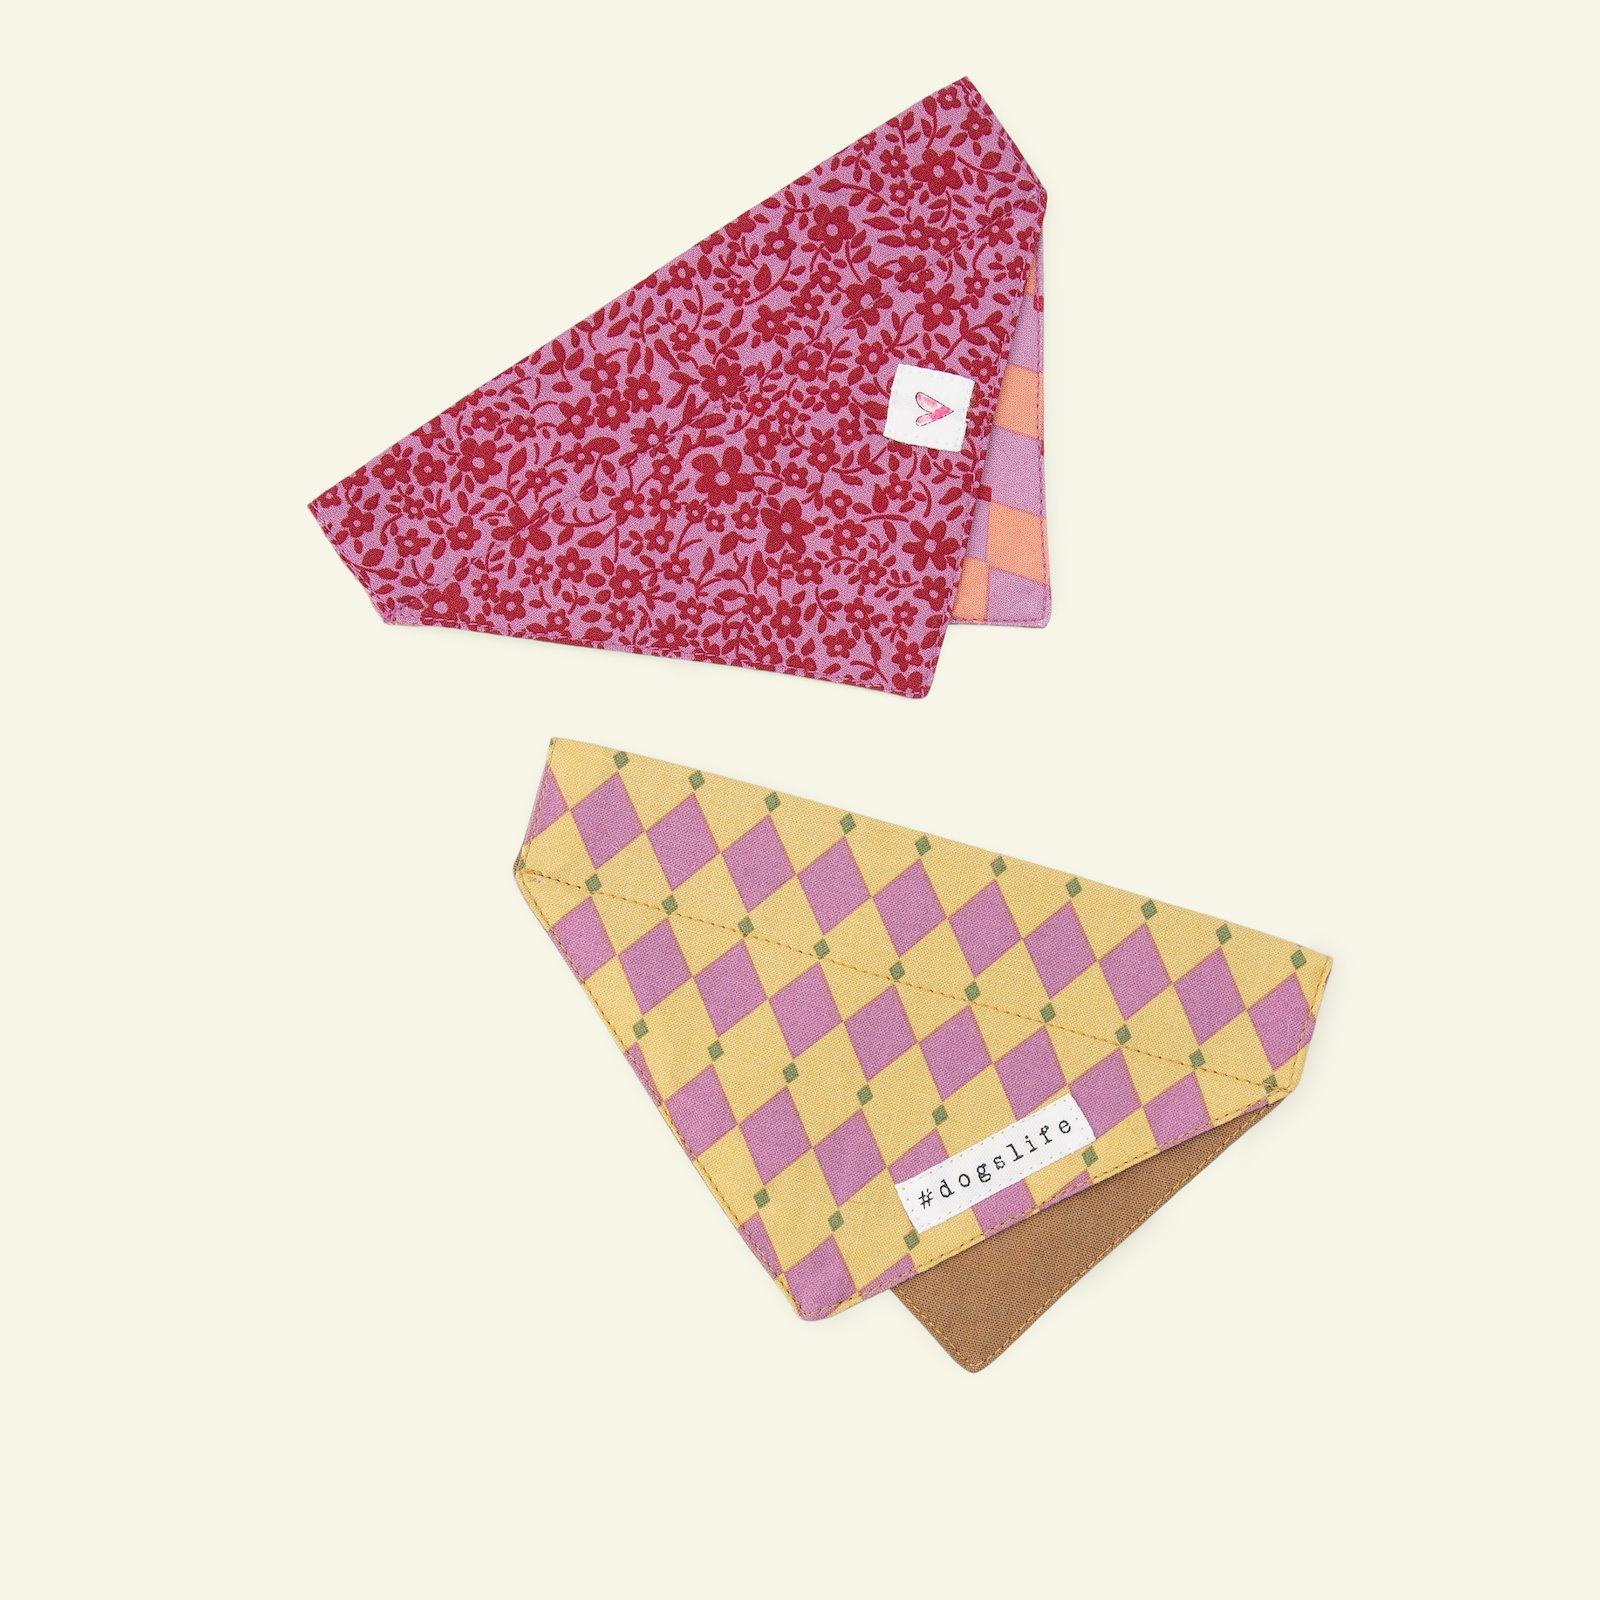 Patch kit dog nature/pink 3 pcs DIY9017_852413_852410_24848_852411_780540_24849_sskit